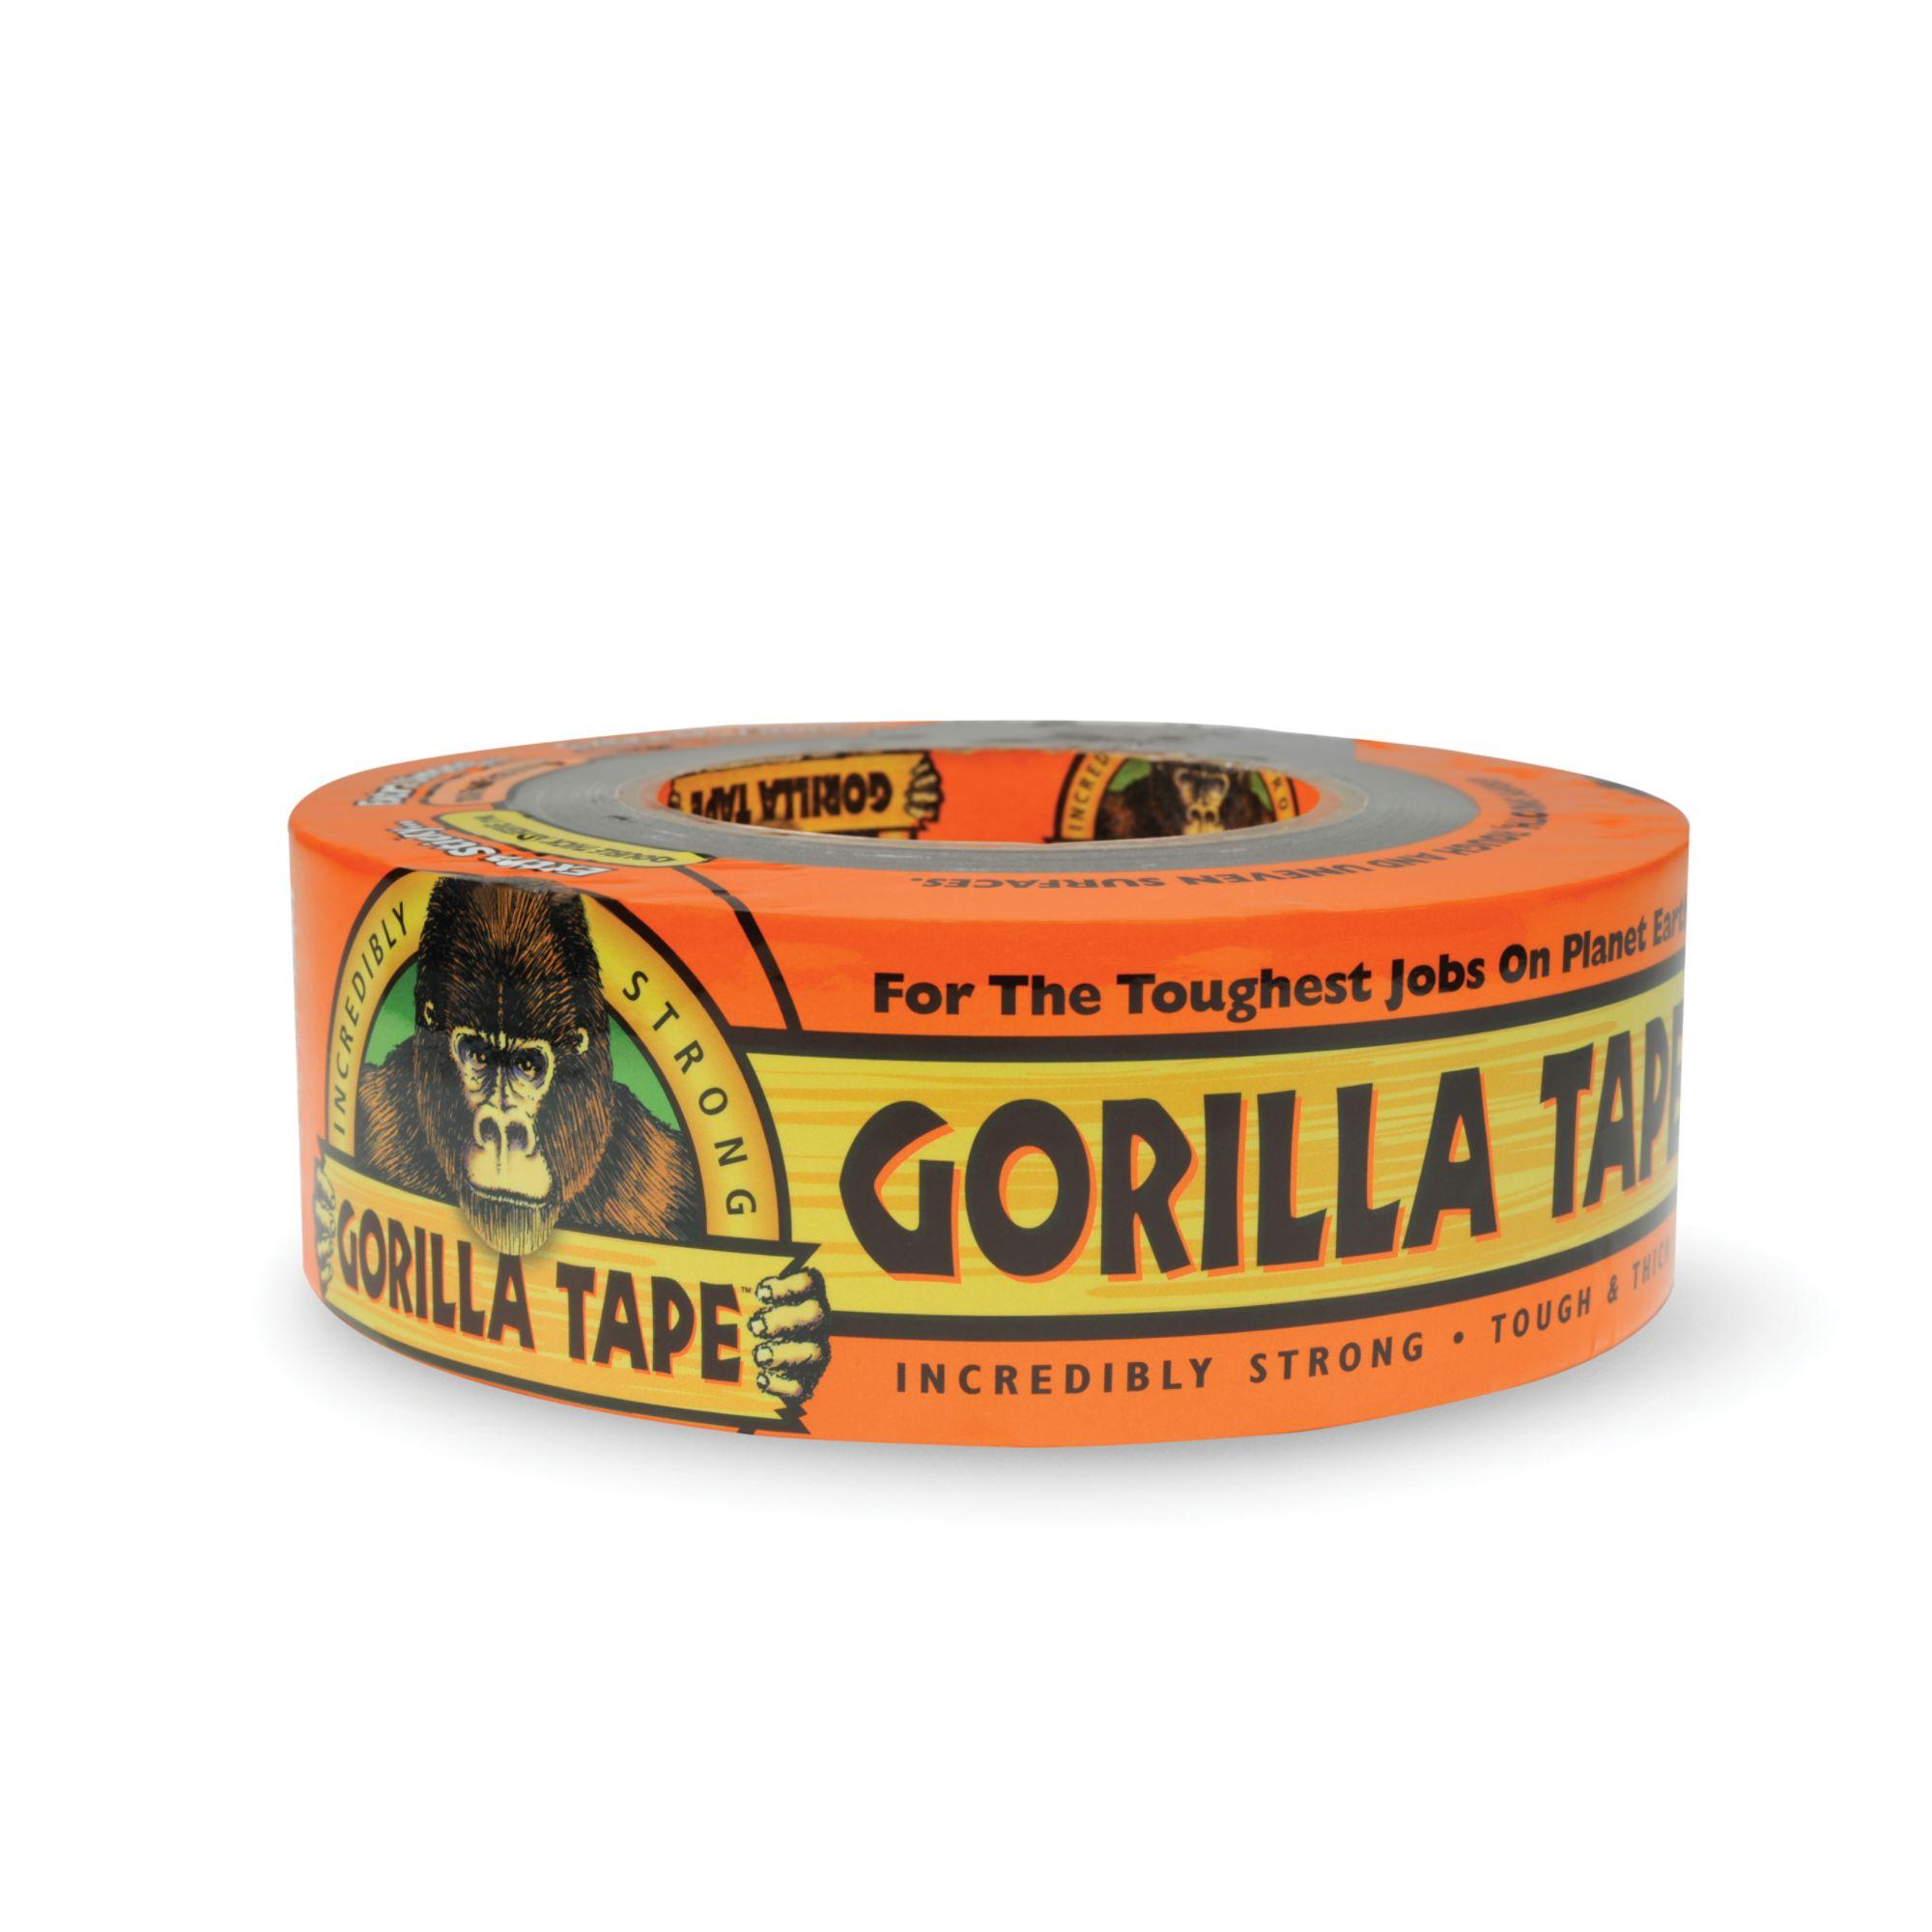 Gorilla Tape 35YD GORTAPE 1.88IN X35YD